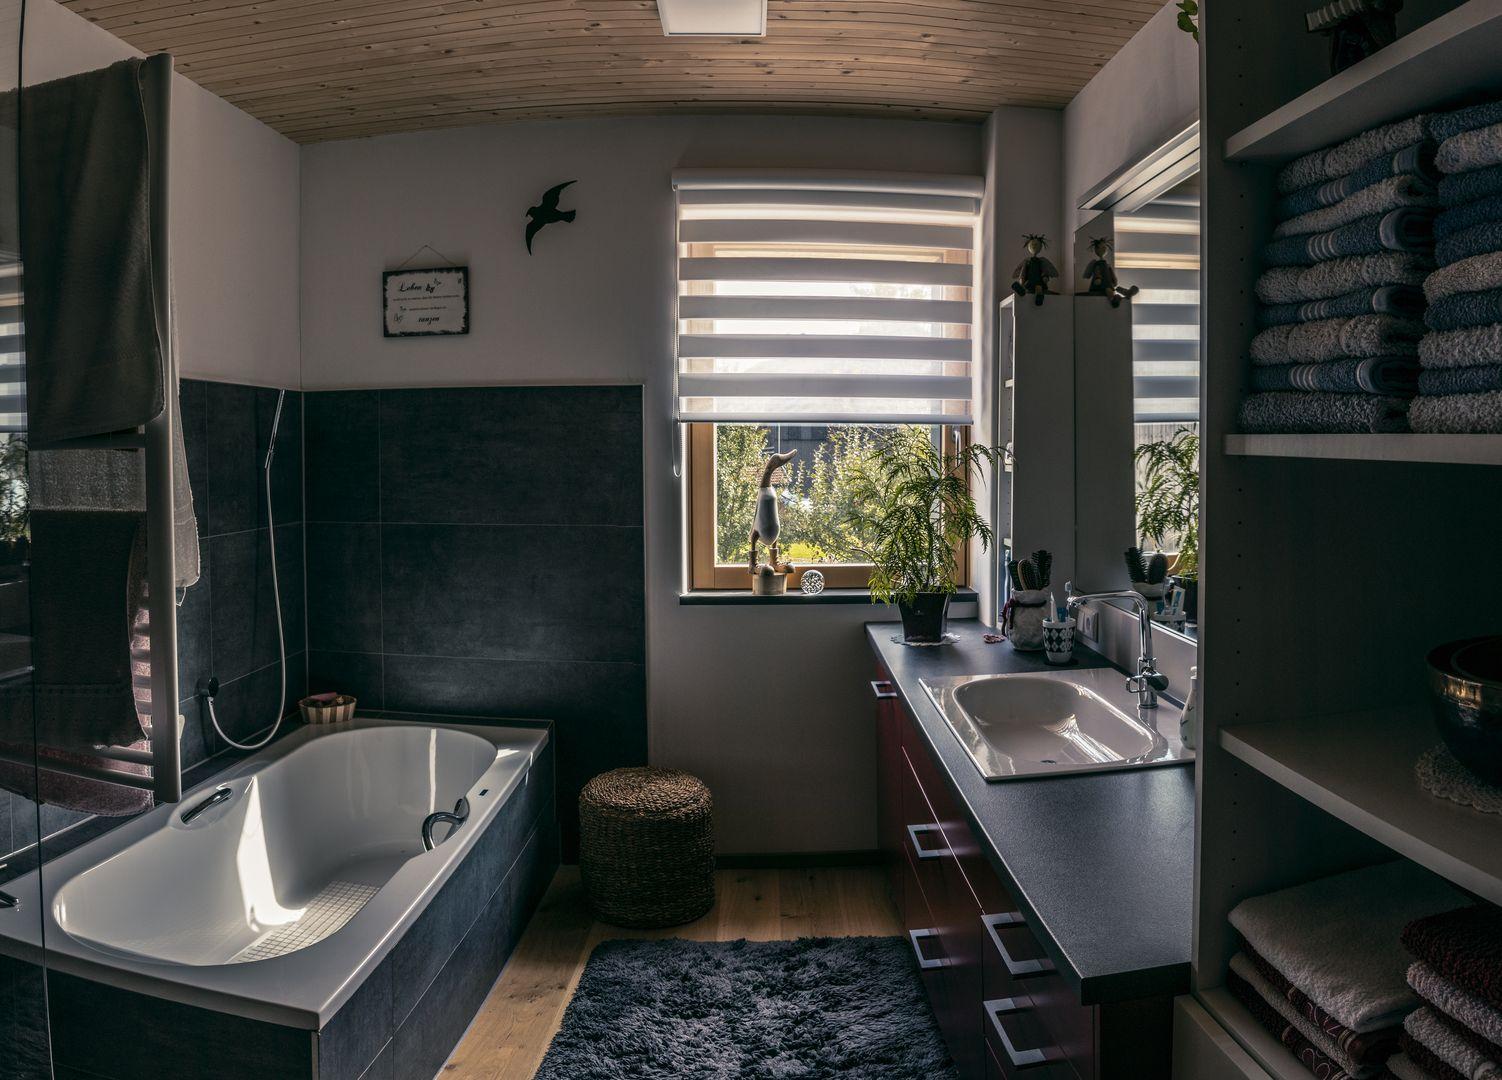 passivhaus effizienzhaus 40 plus weitnau kologische holzbauweise haus der zukunft plus. Black Bedroom Furniture Sets. Home Design Ideas